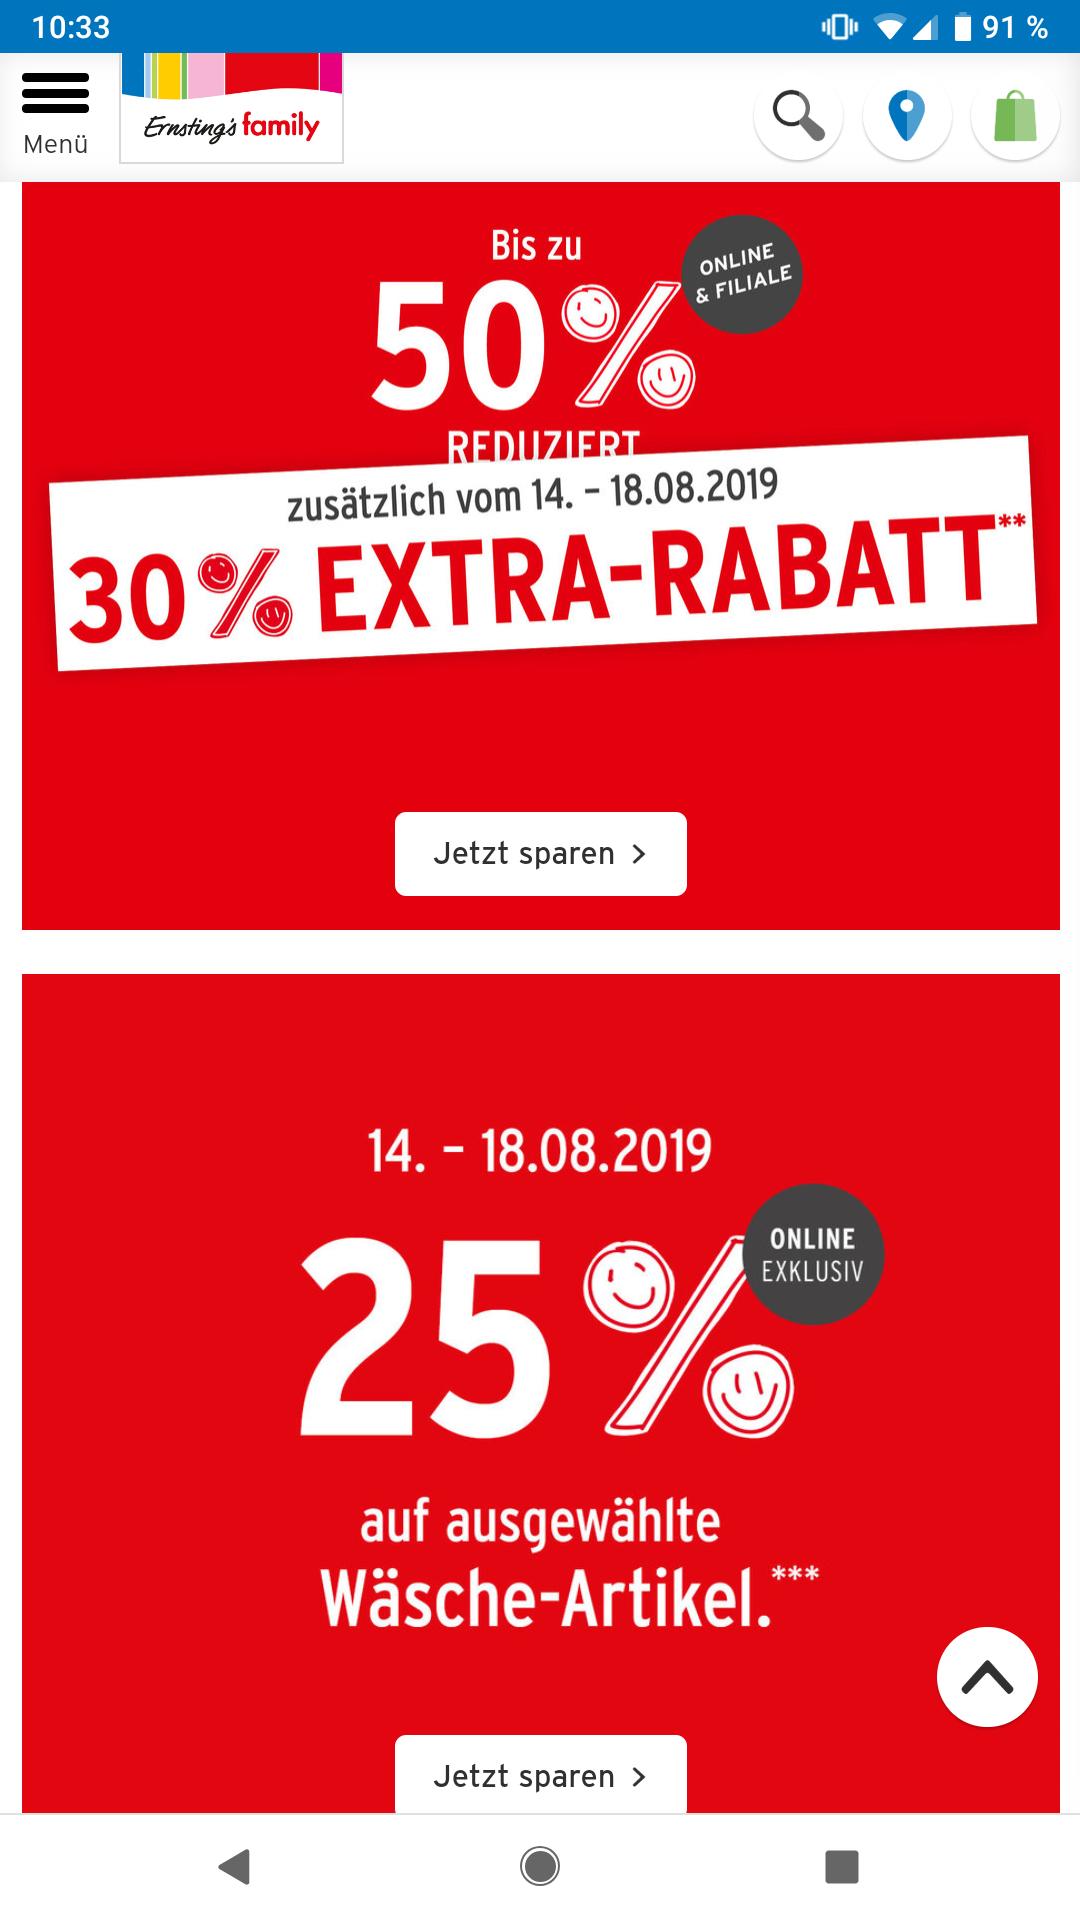 Ernstings family 30% extra Rabatt auf alles im Sale und 25% auf ausgewählte Wäsche-Artikel